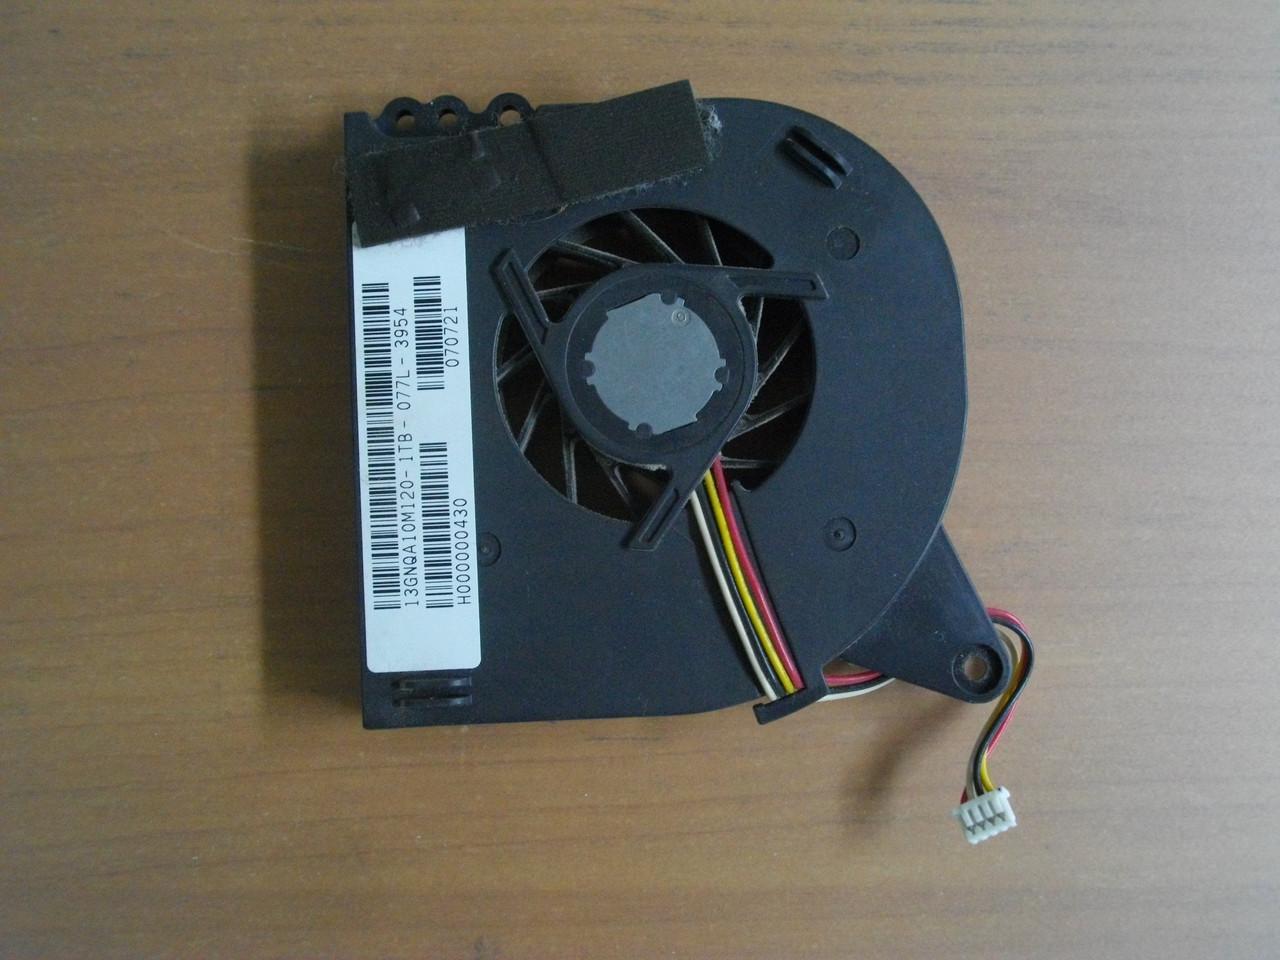 For Toshiba Satellite L40-157 CPU Fan